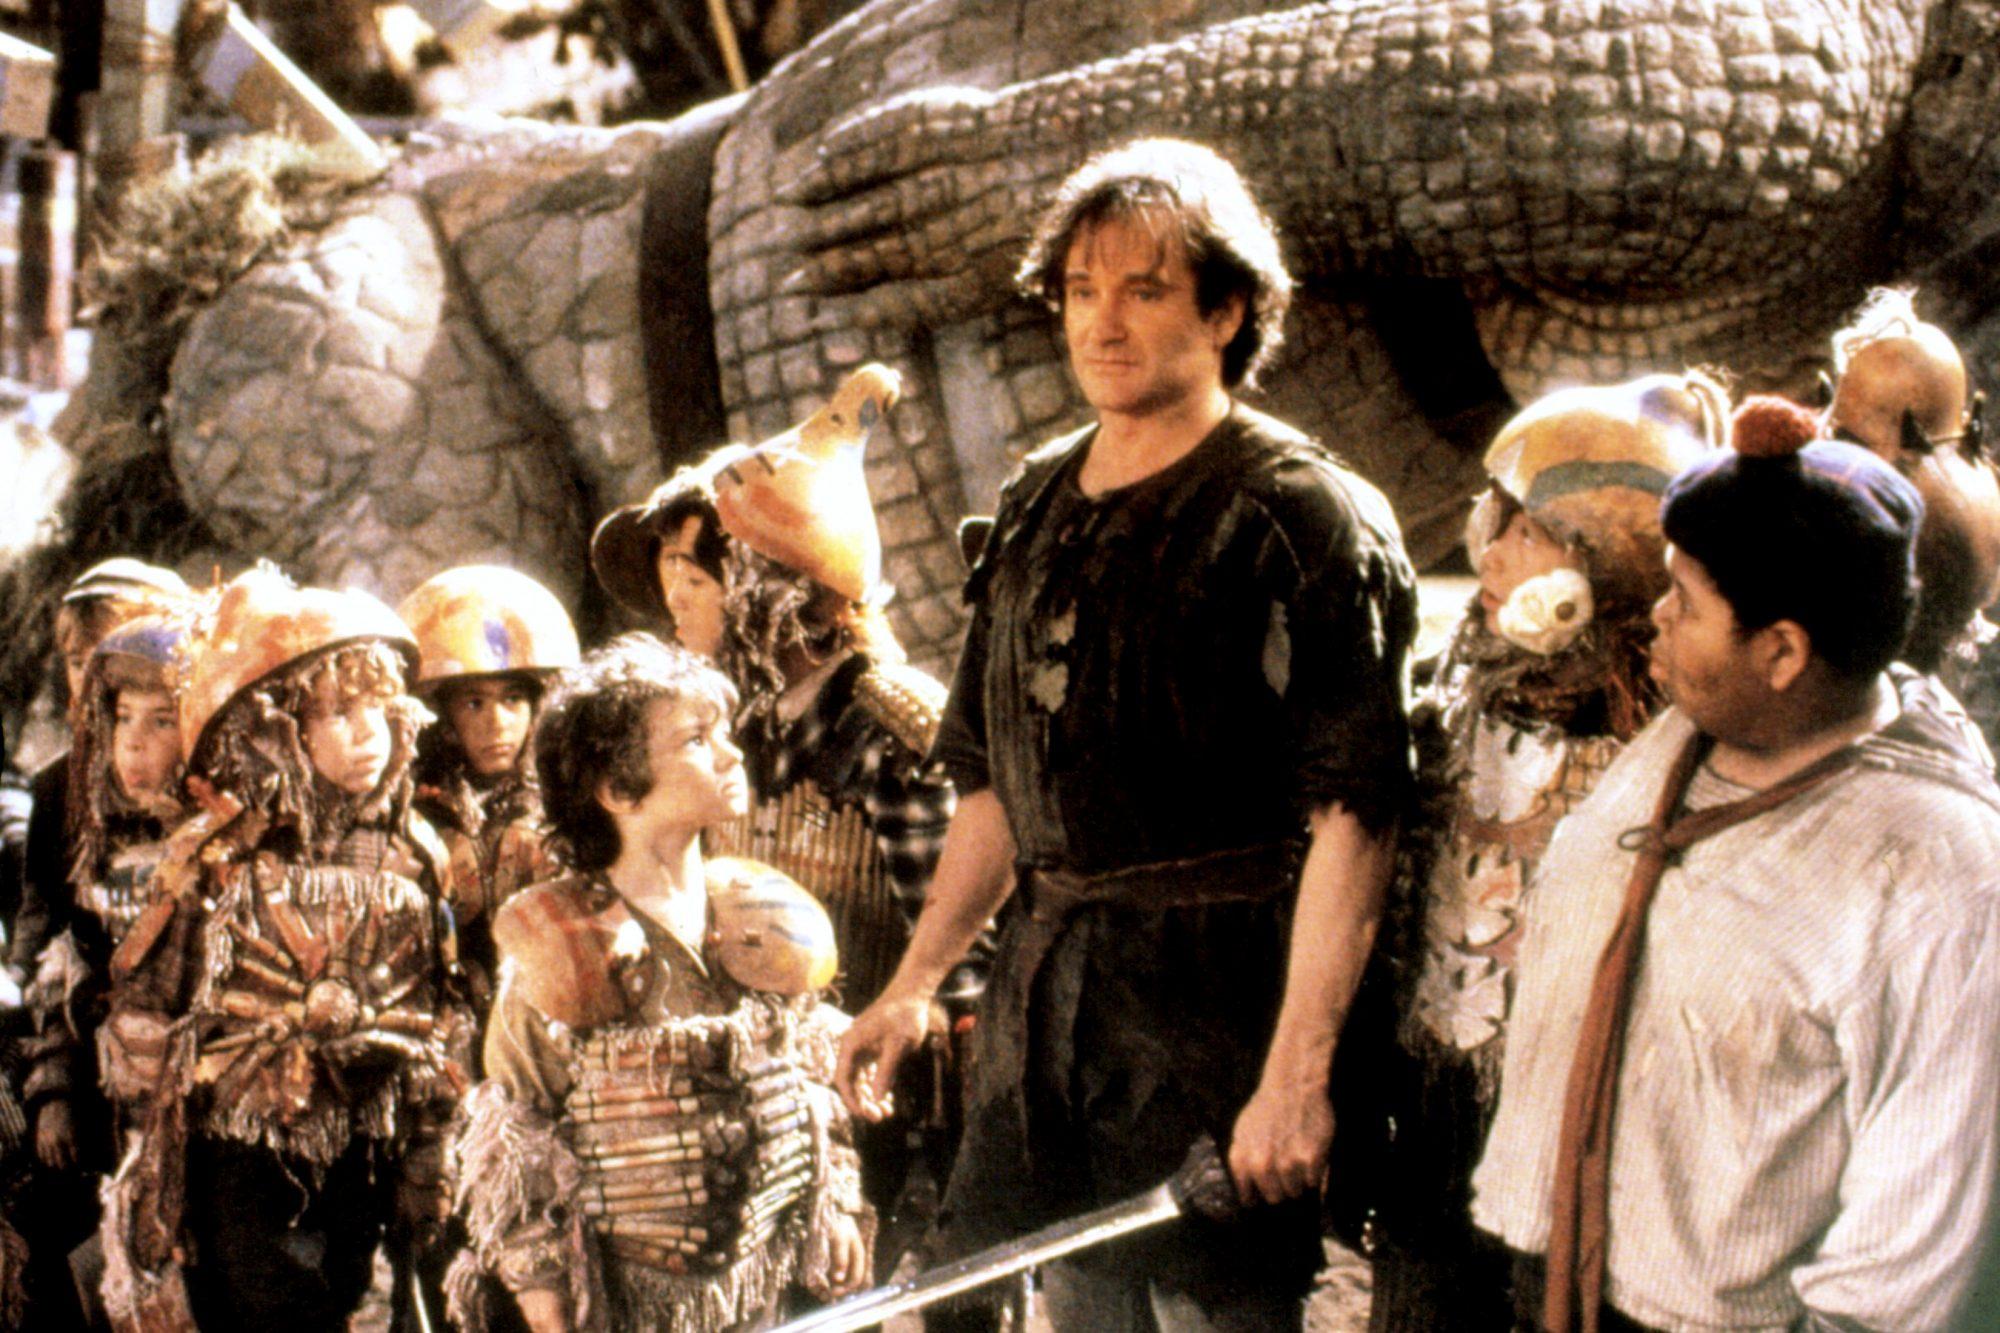 HOOK, Robin Williams (center), 1991